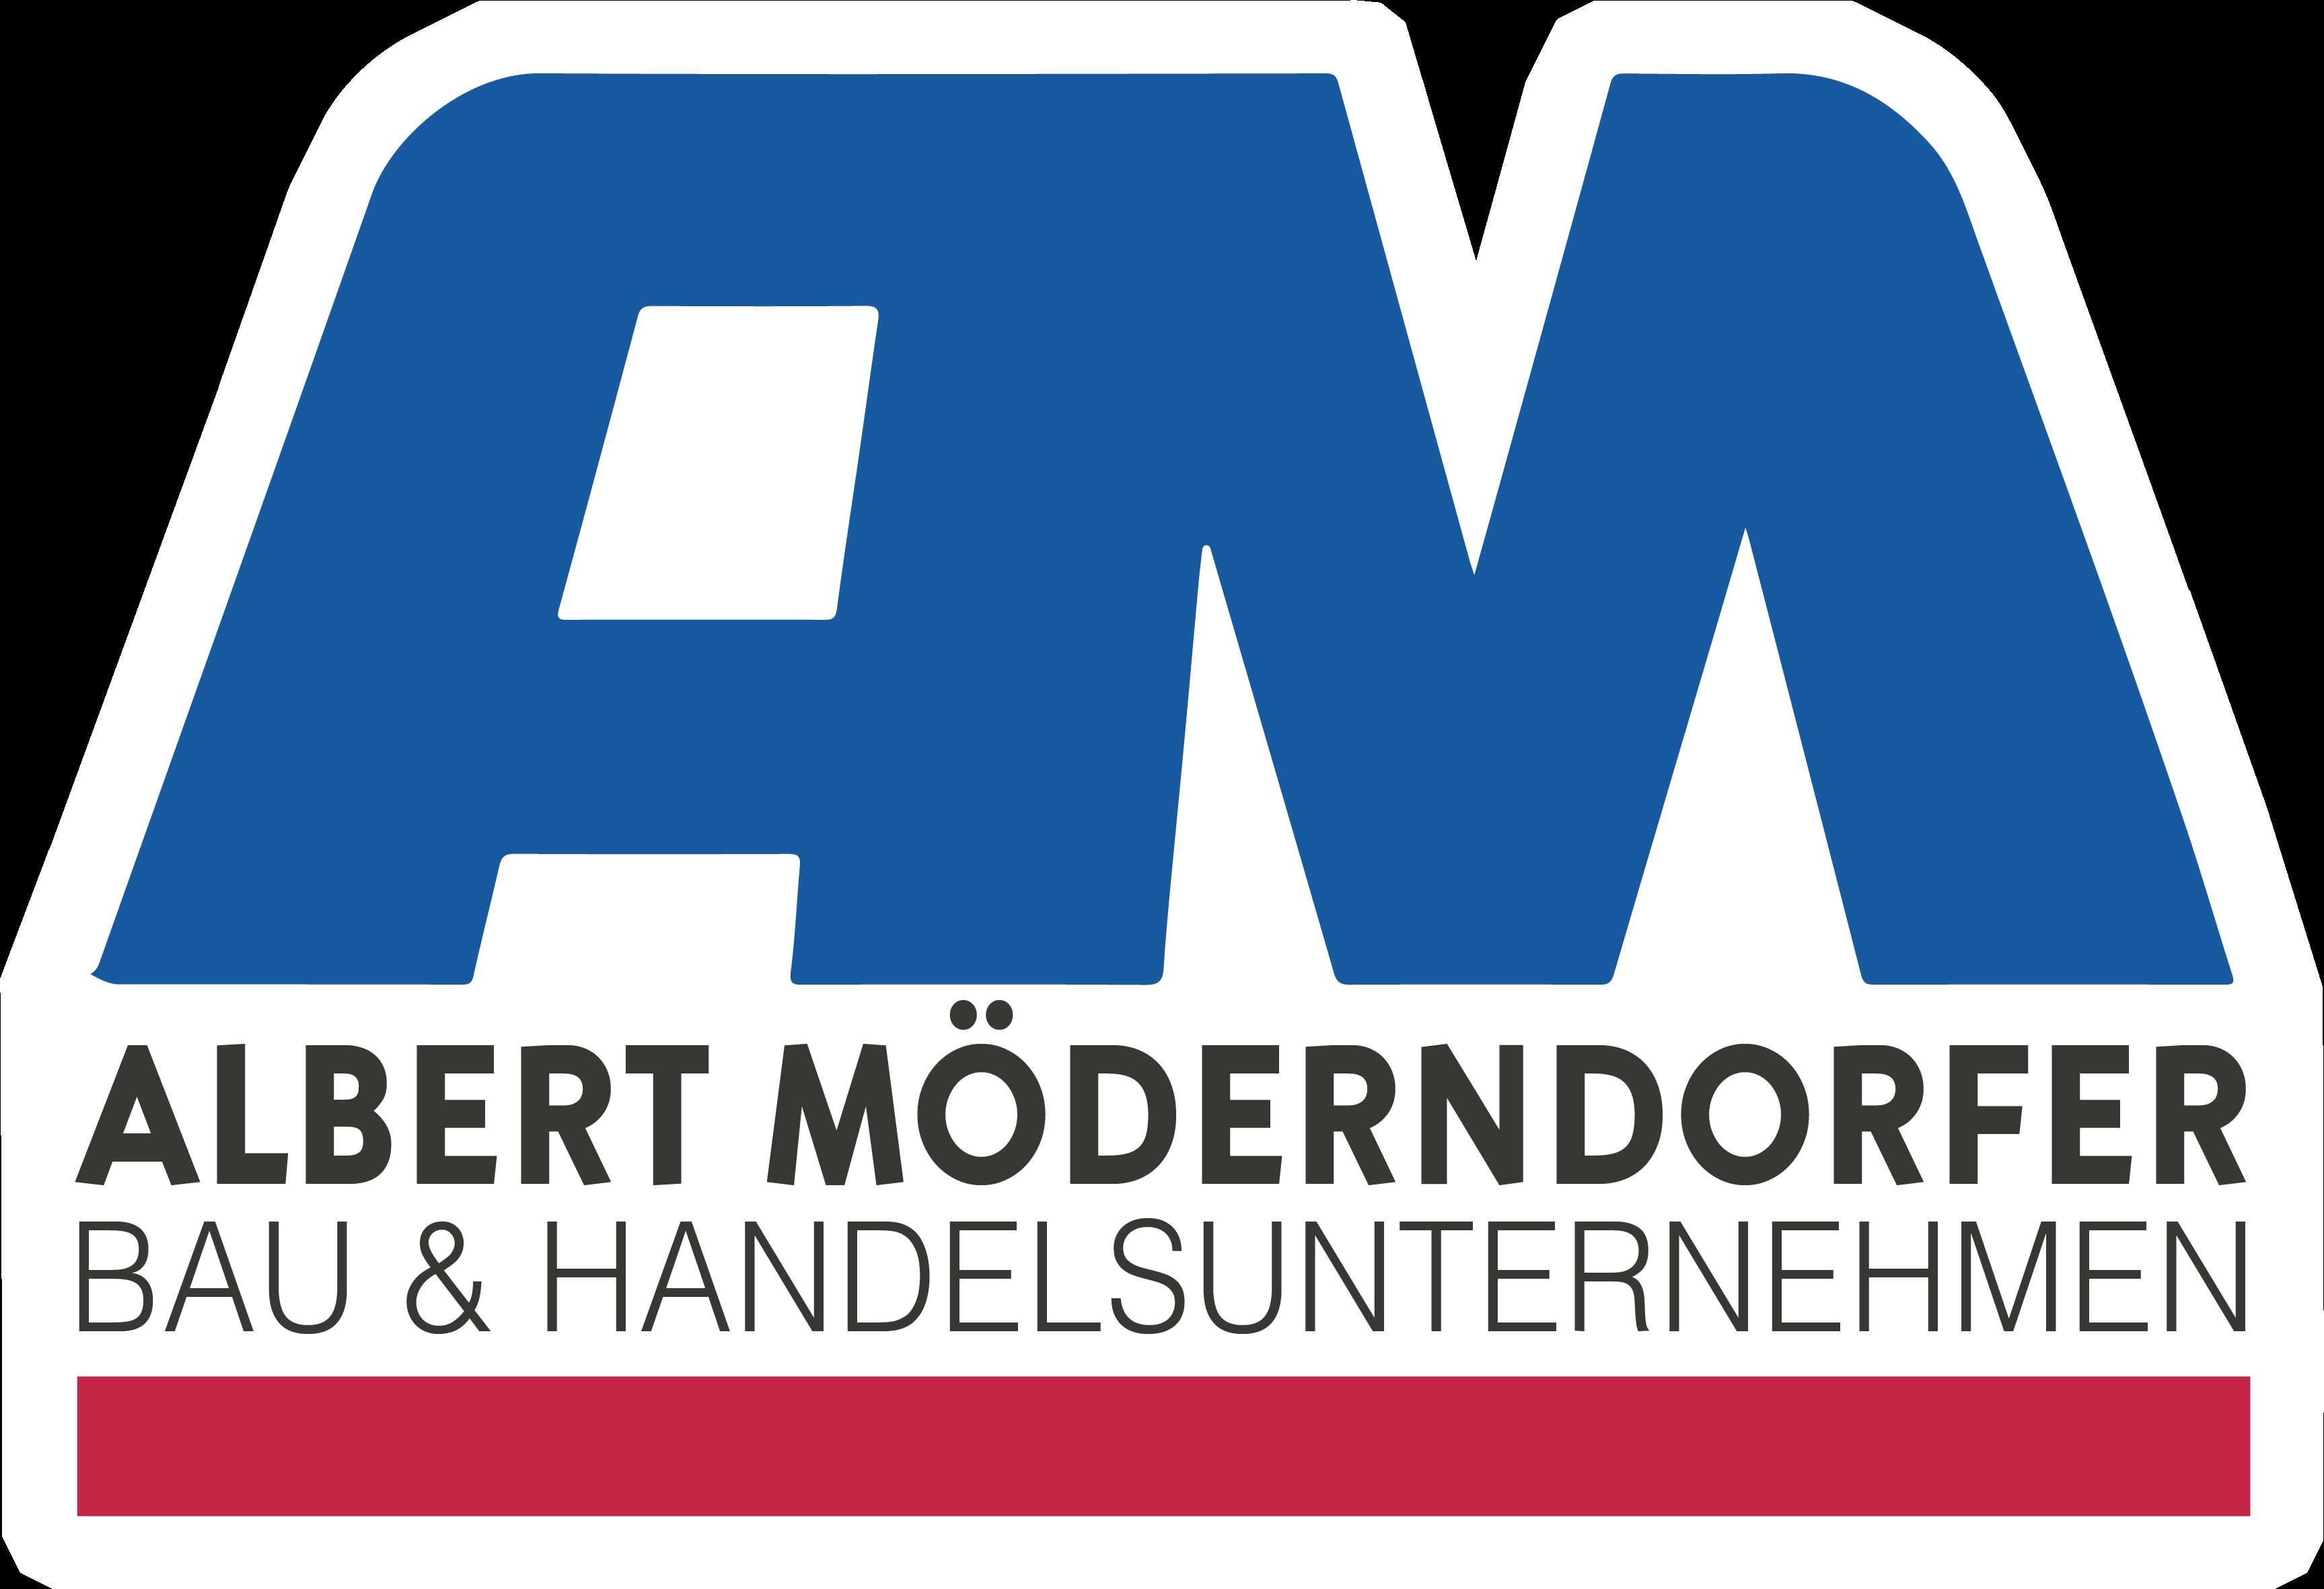 Albert Moederndorfer – Bau und Handelsunternehmen